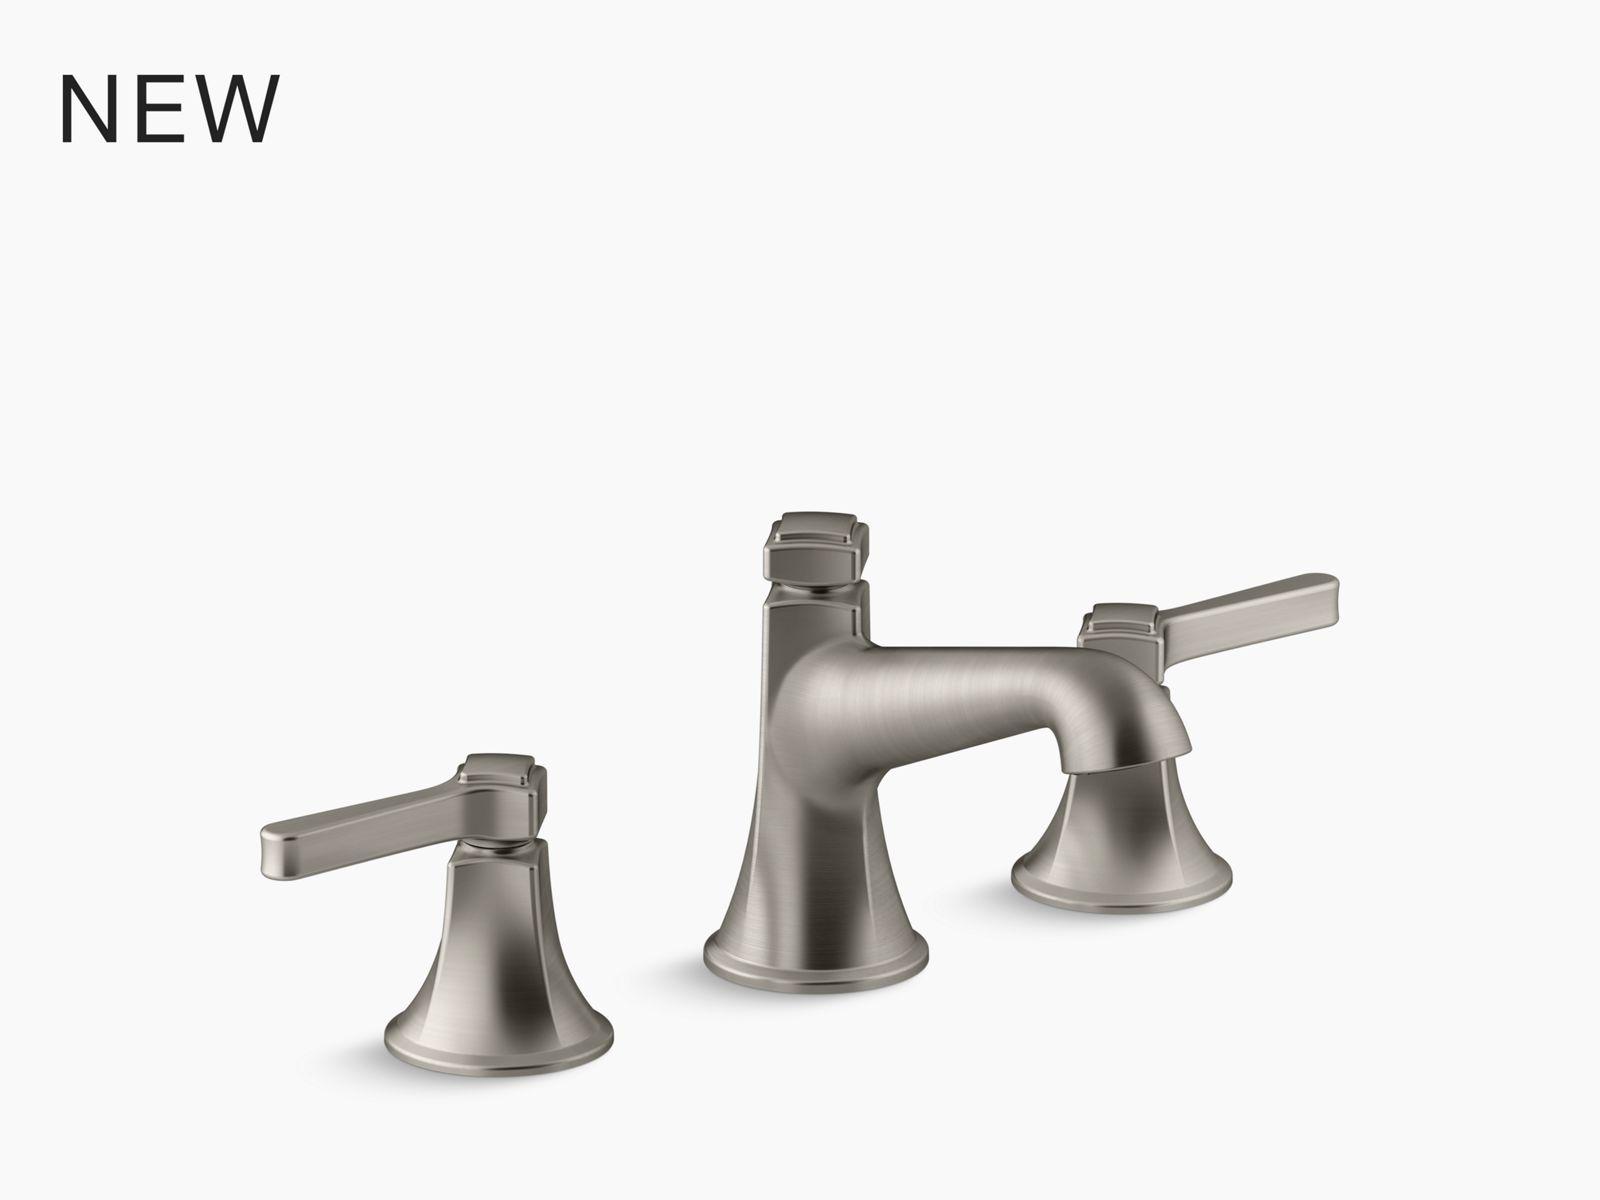 triton double lever handle utility sink faucet with gooseneck spout